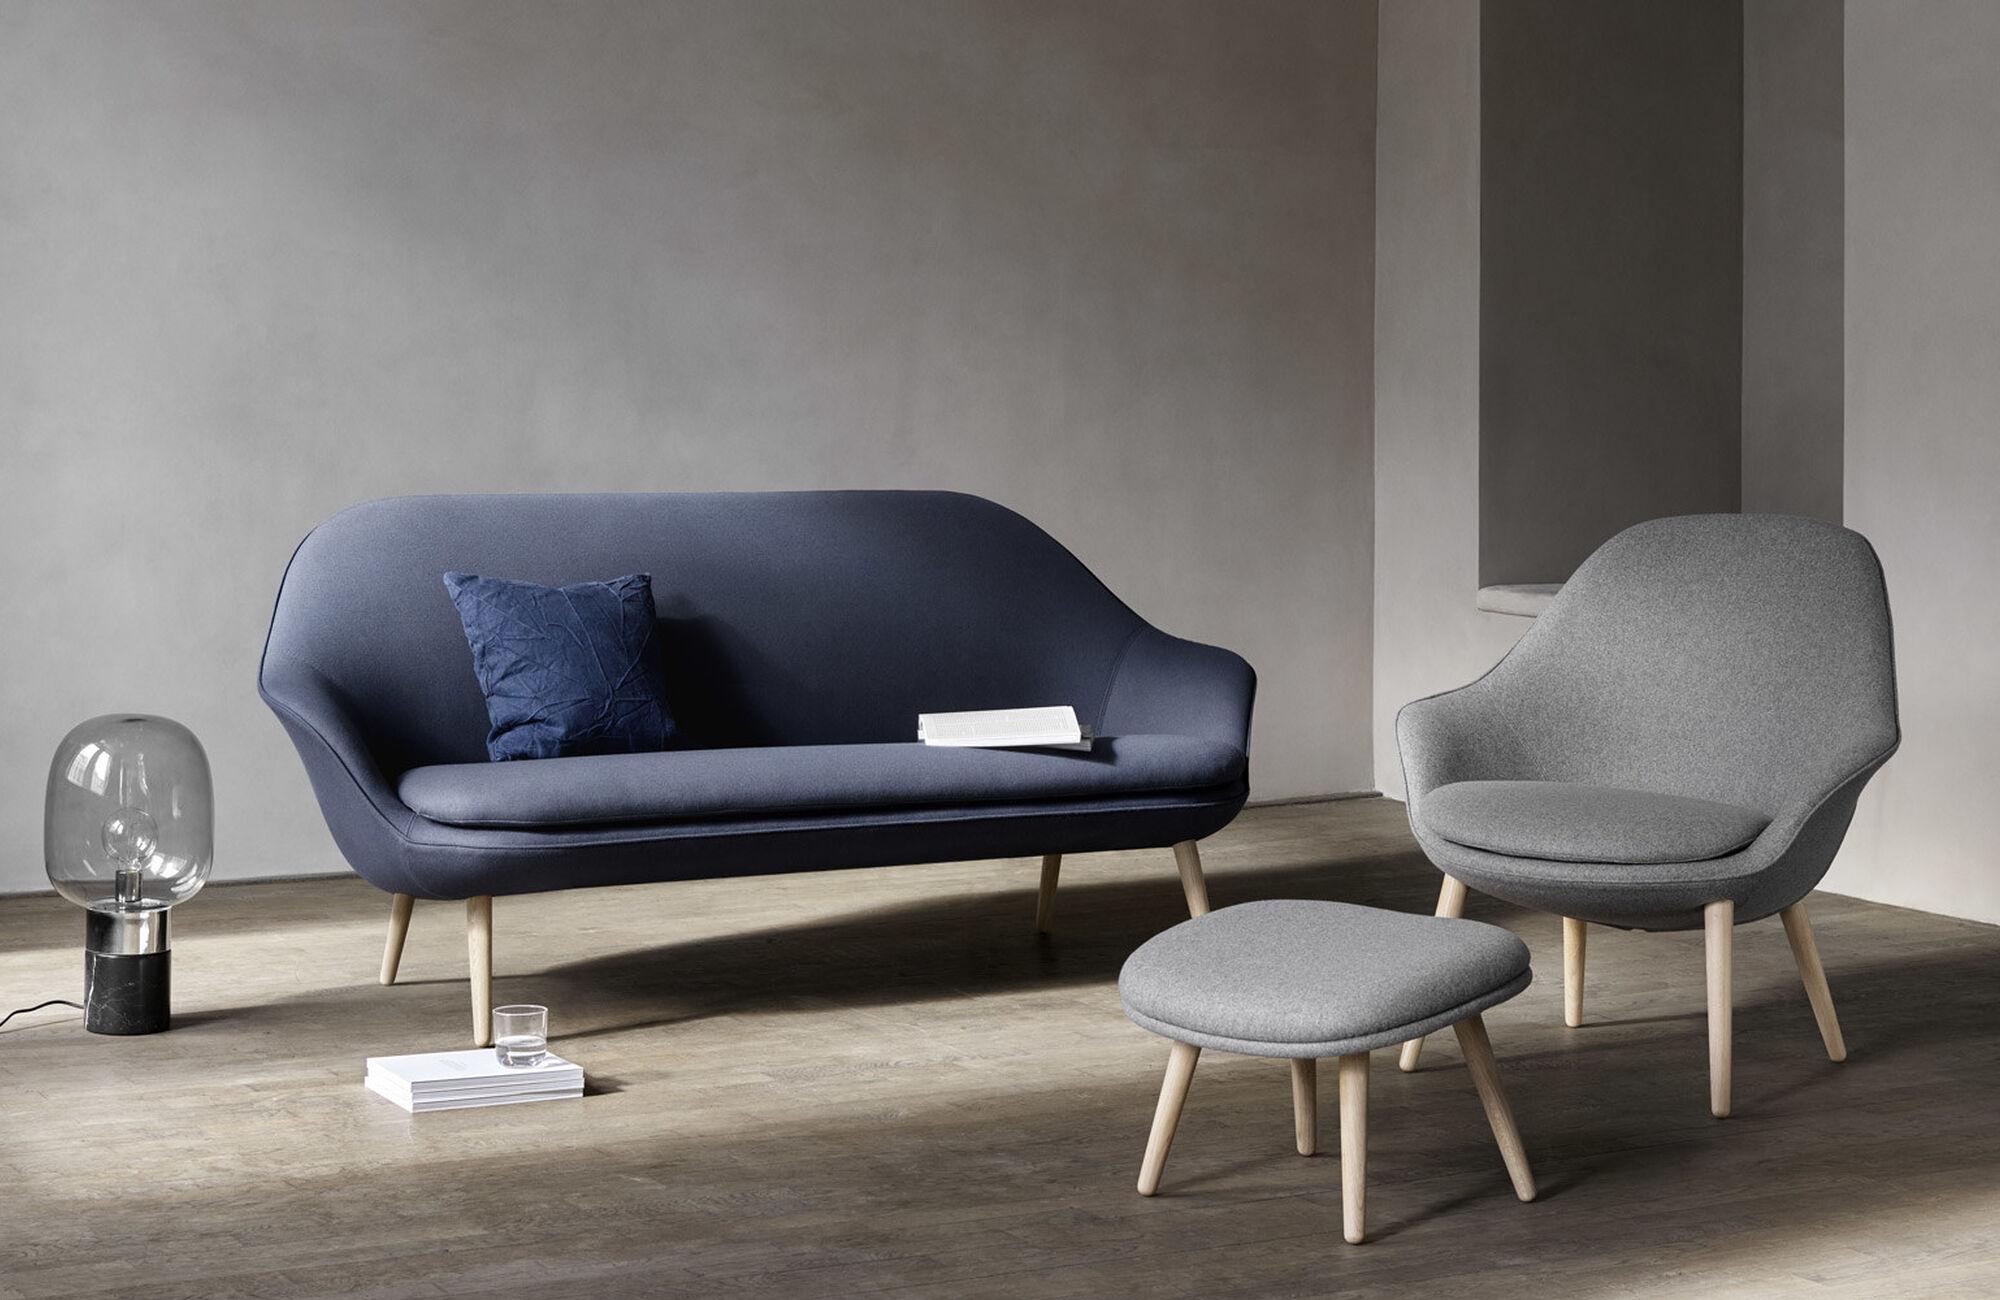 2-sitzer Sofas - Adelaide Sofa